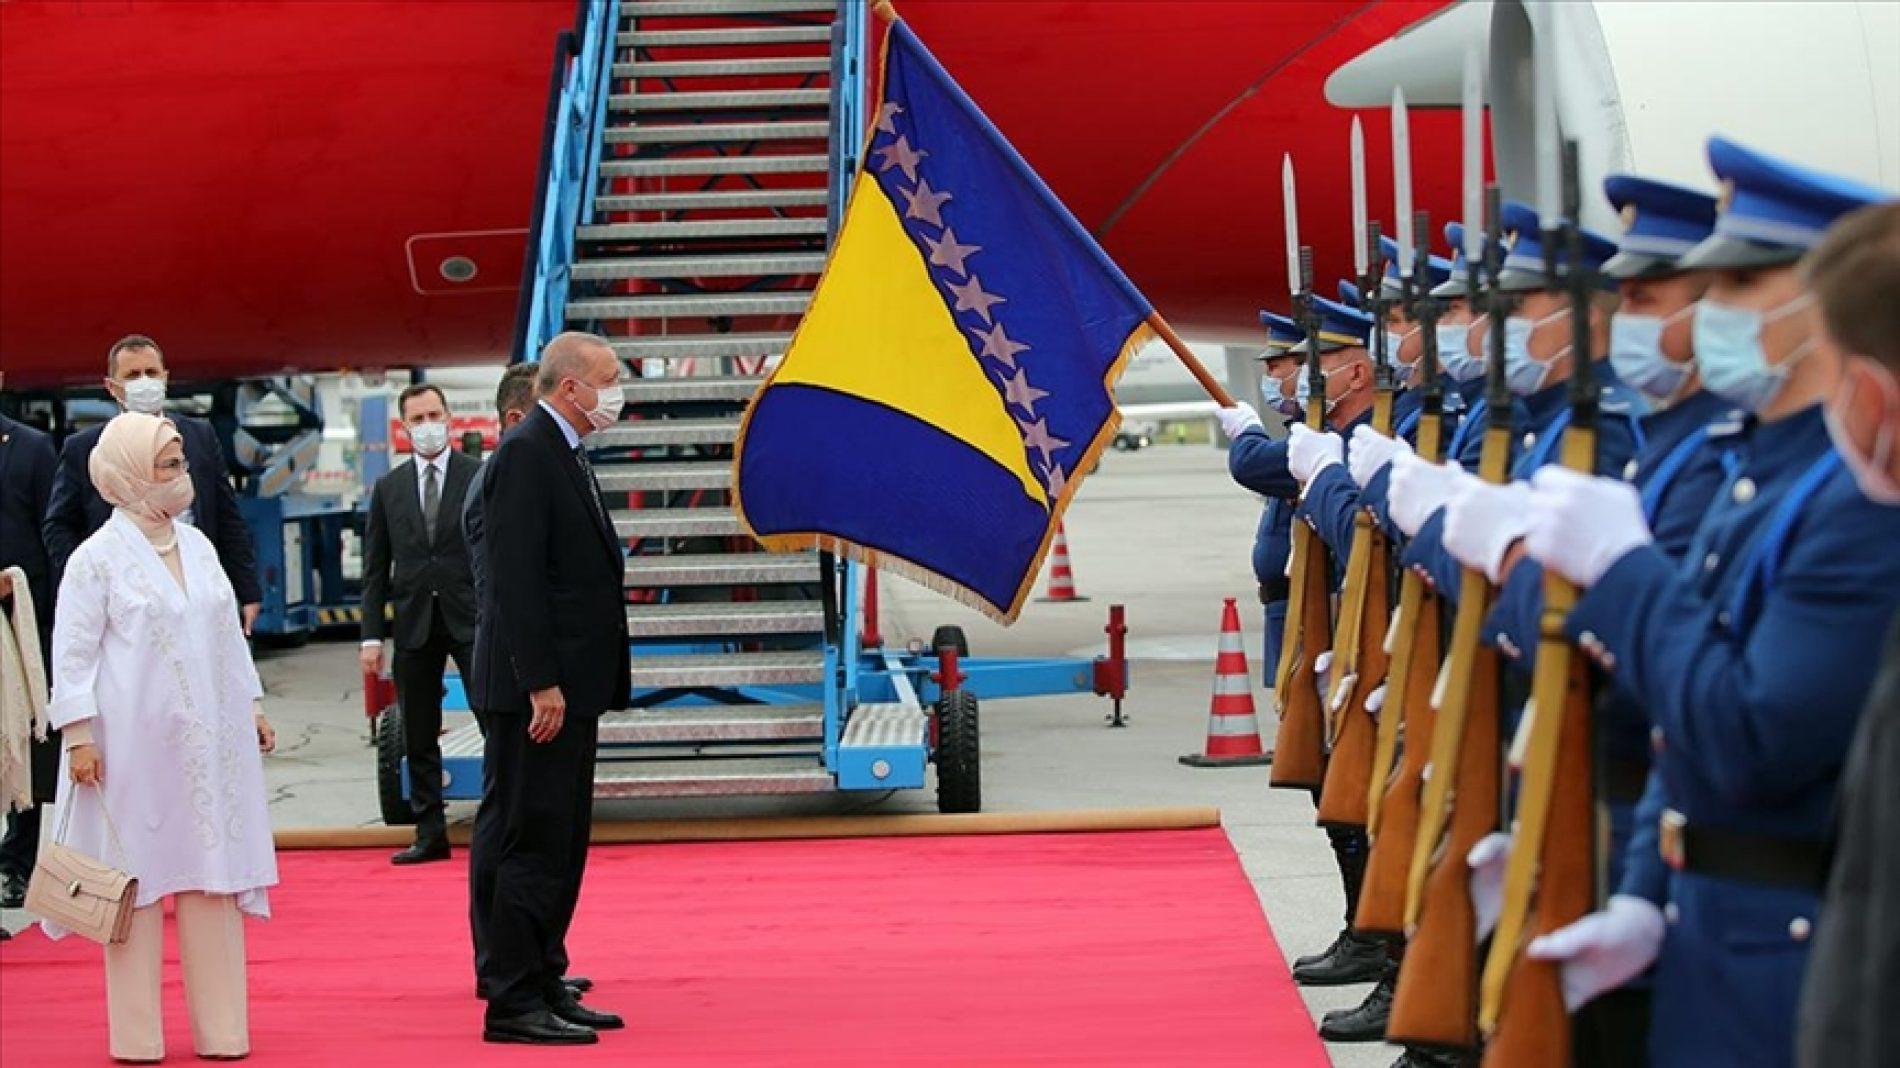 Erdogan u Sarajevu: Na Kovačima odao počast prvom bosanskom predsjedniku Izetbegoviću